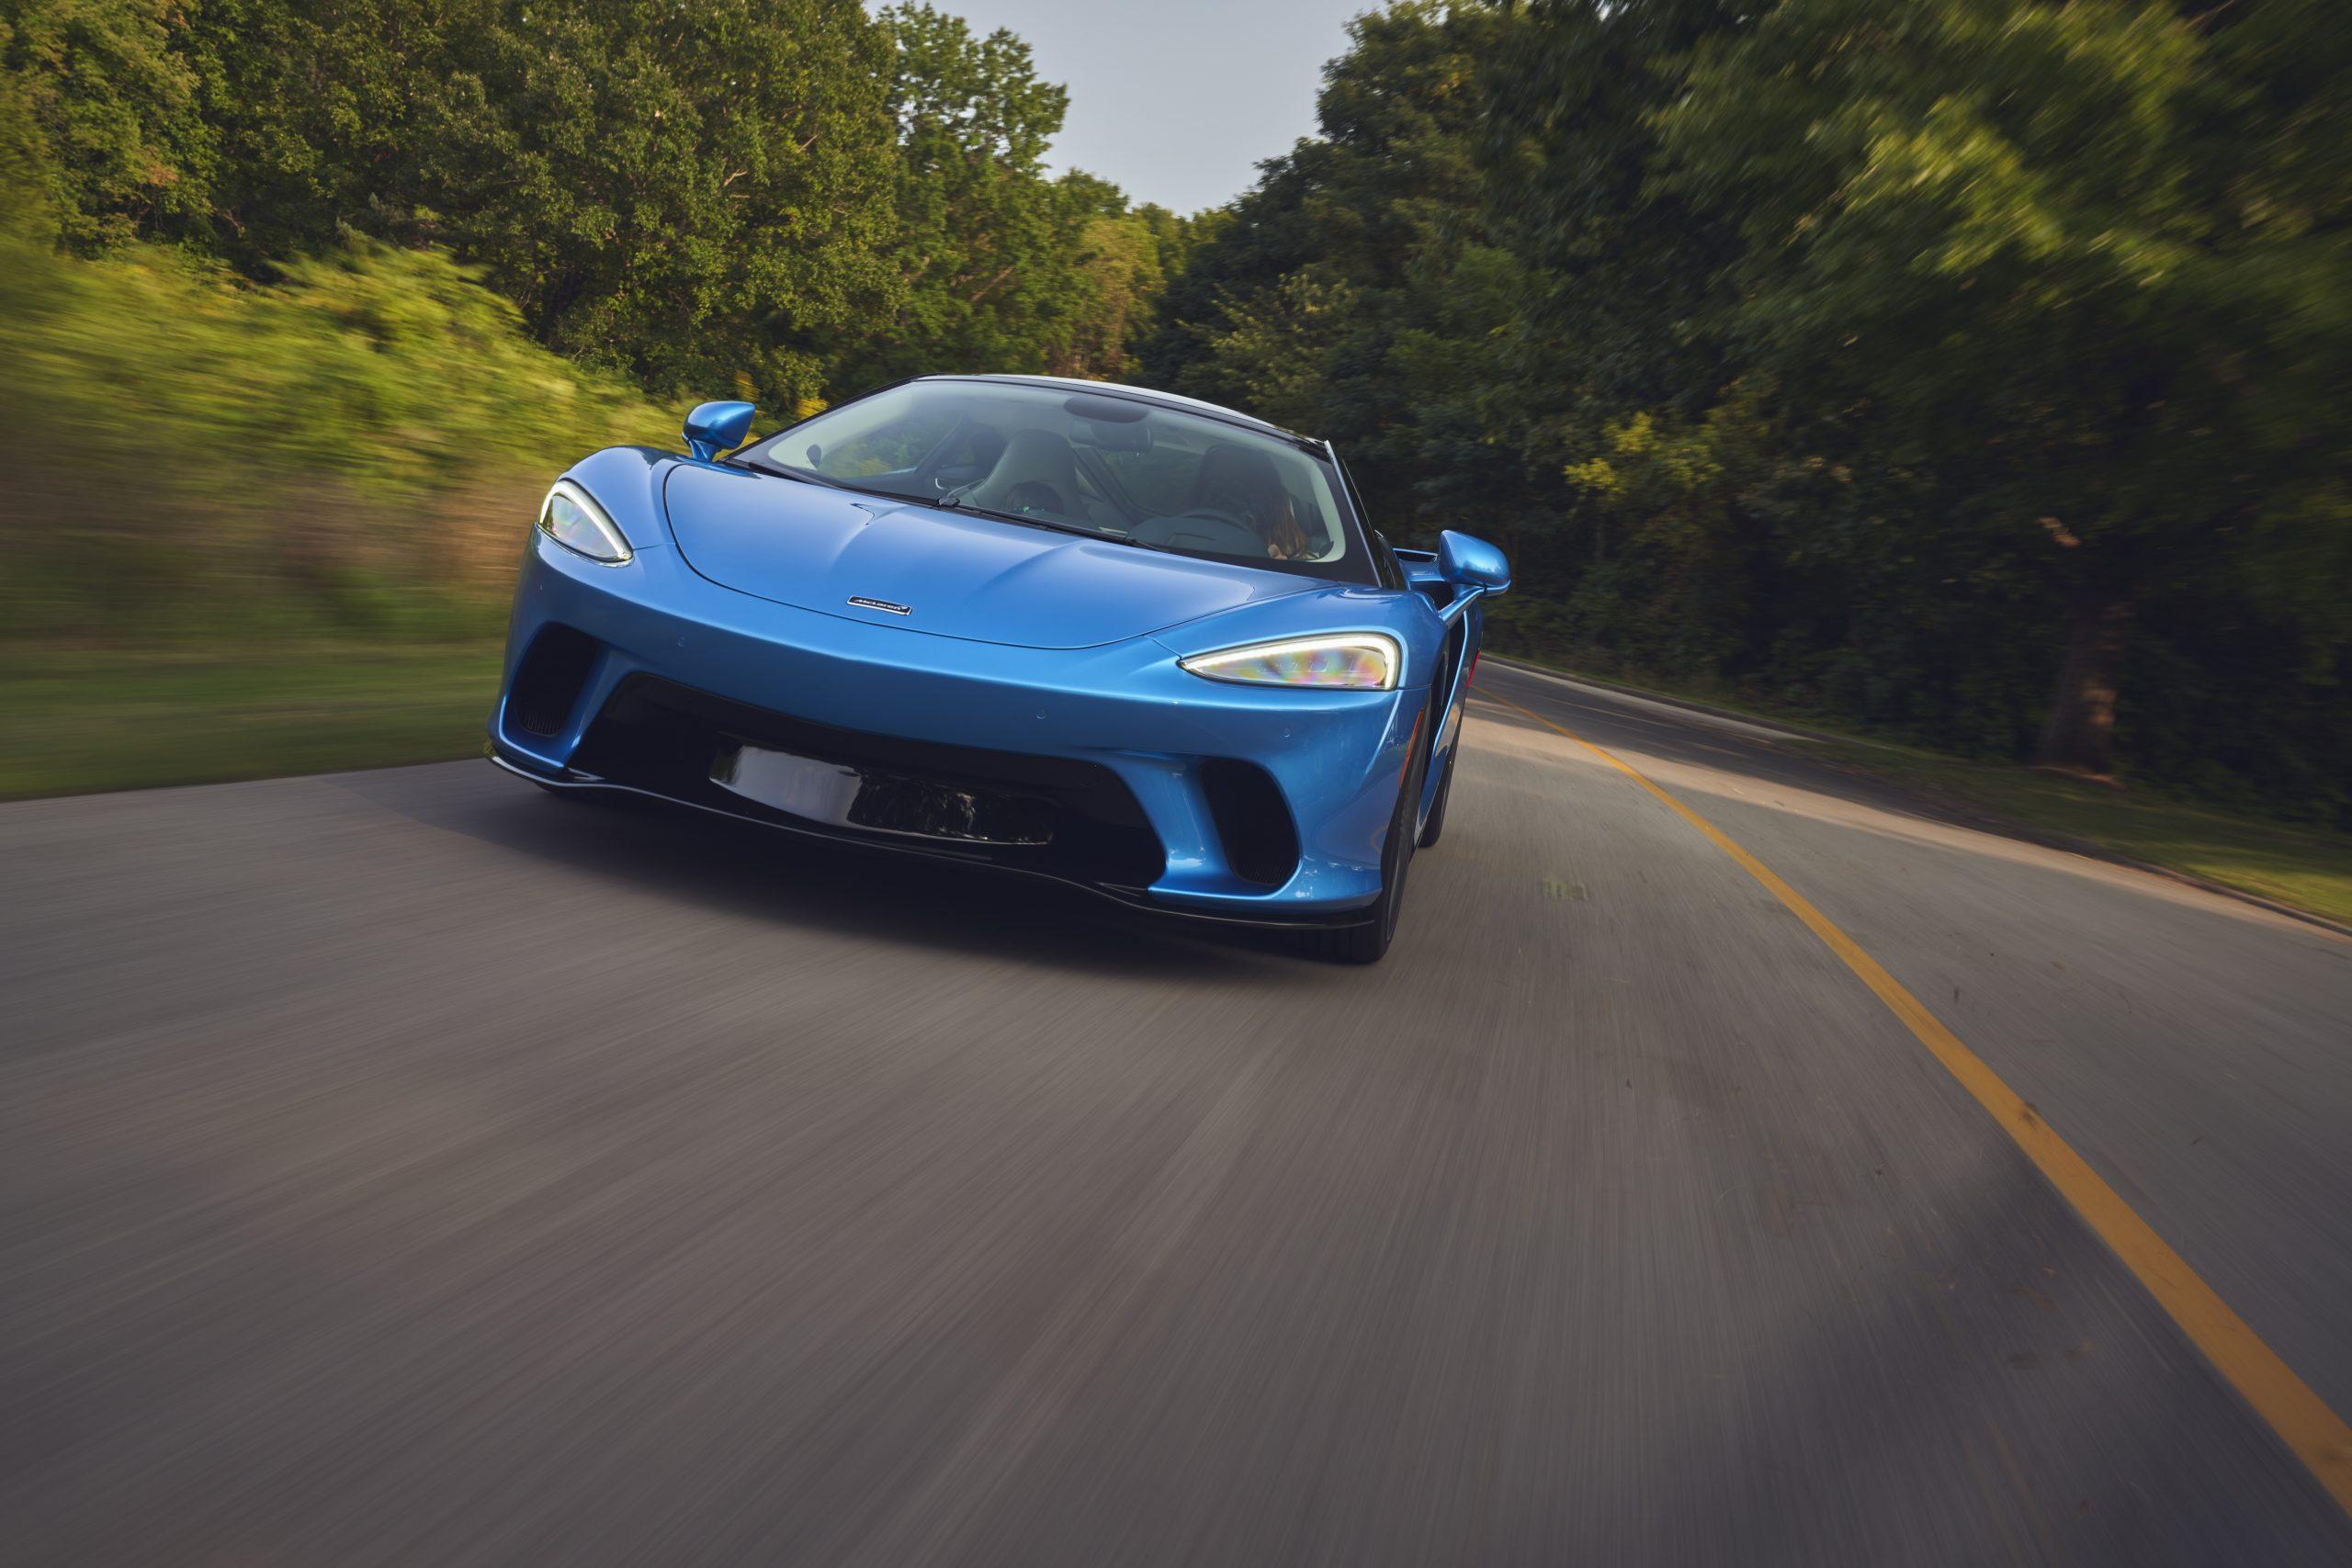 2020-McLaren-GT_Trahan_0405 front